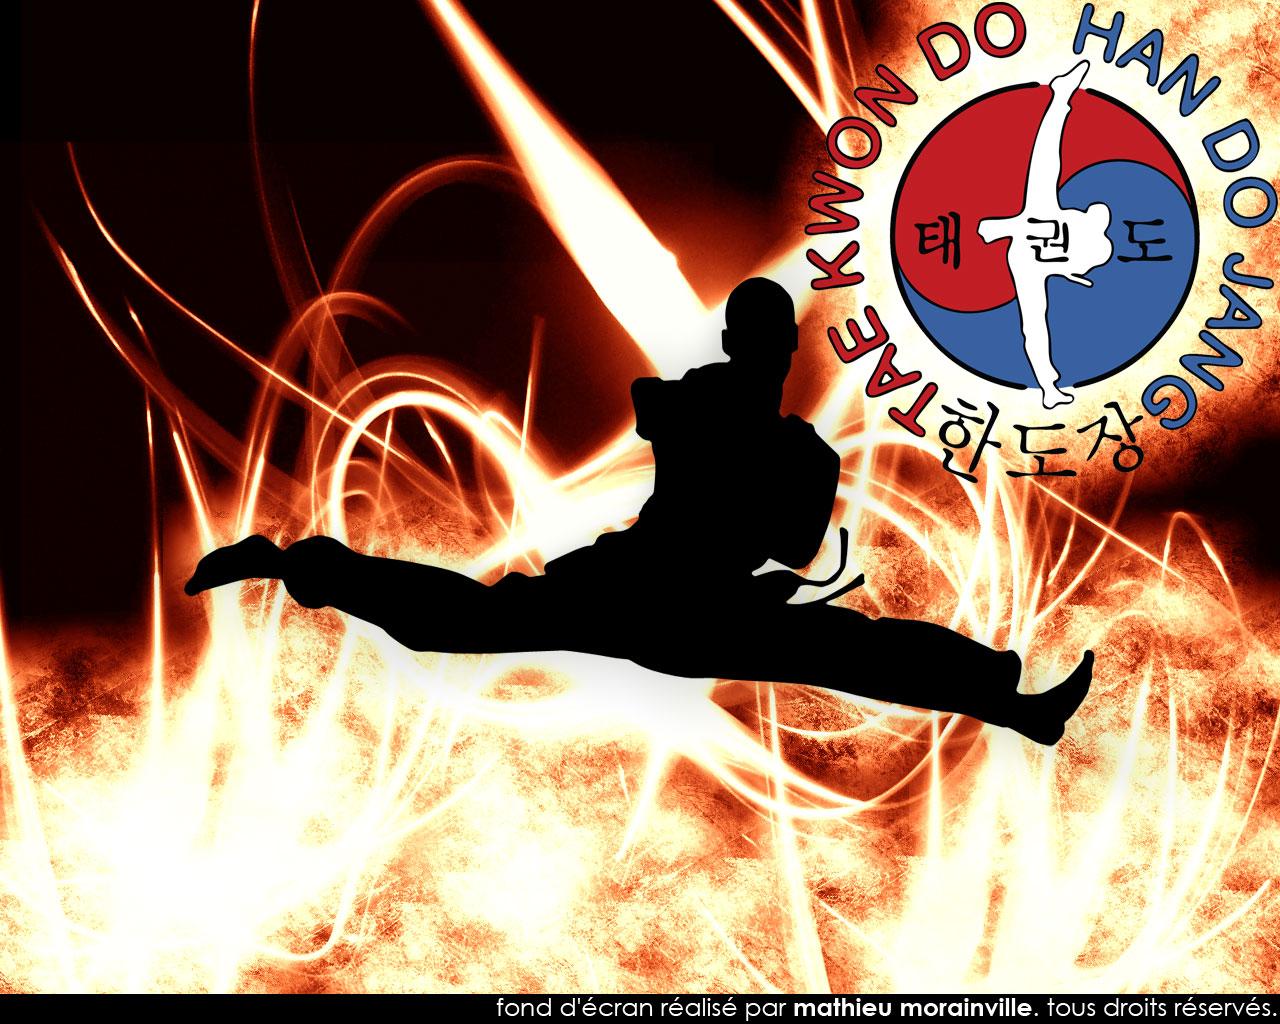 AAAAAAAAACAEpEv6KavdKgs1600Taekwondo Wallpaper  3 by Eligius57jpg 1280x1024